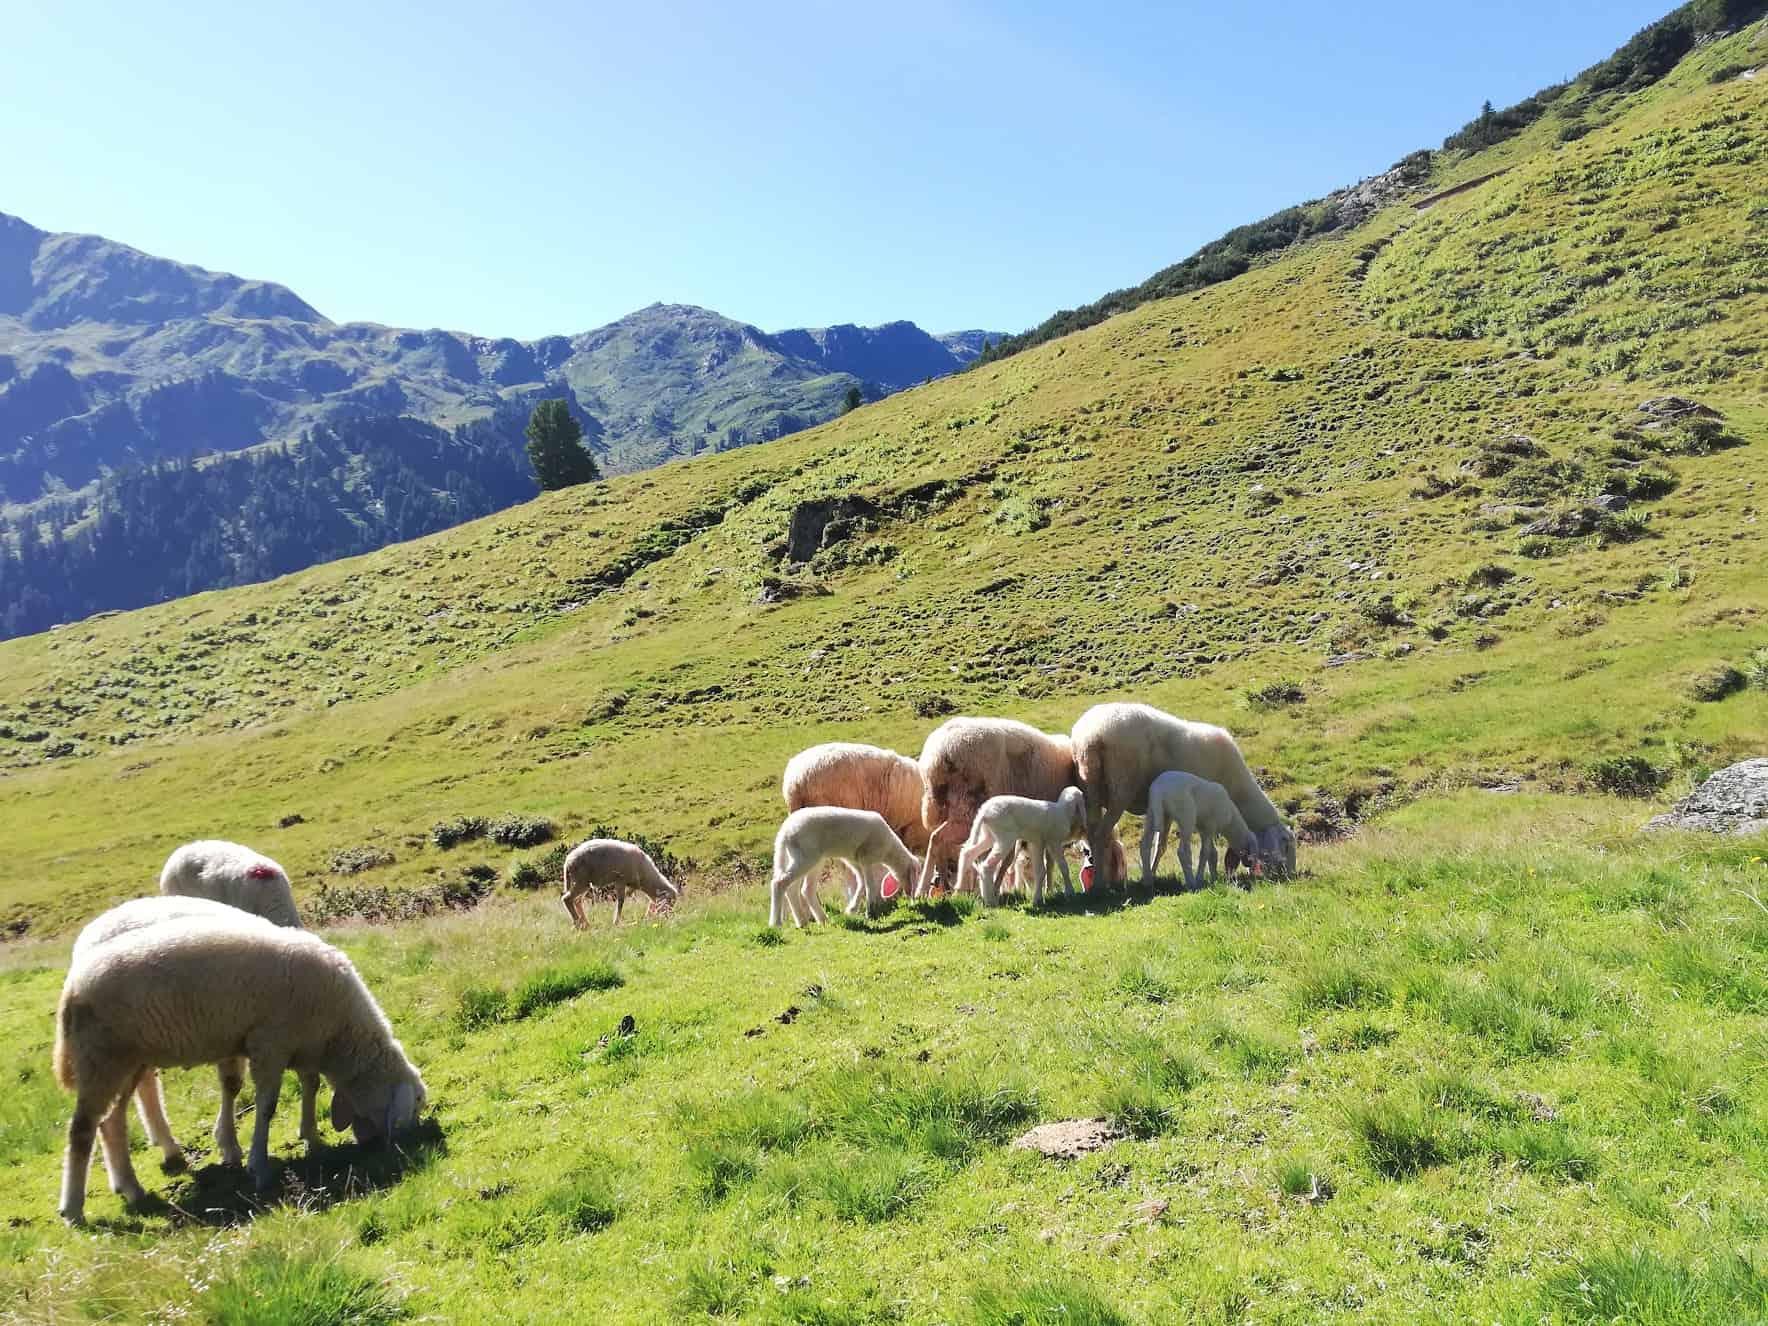 Lämmer und Schafe auf einer Alm in Tirol